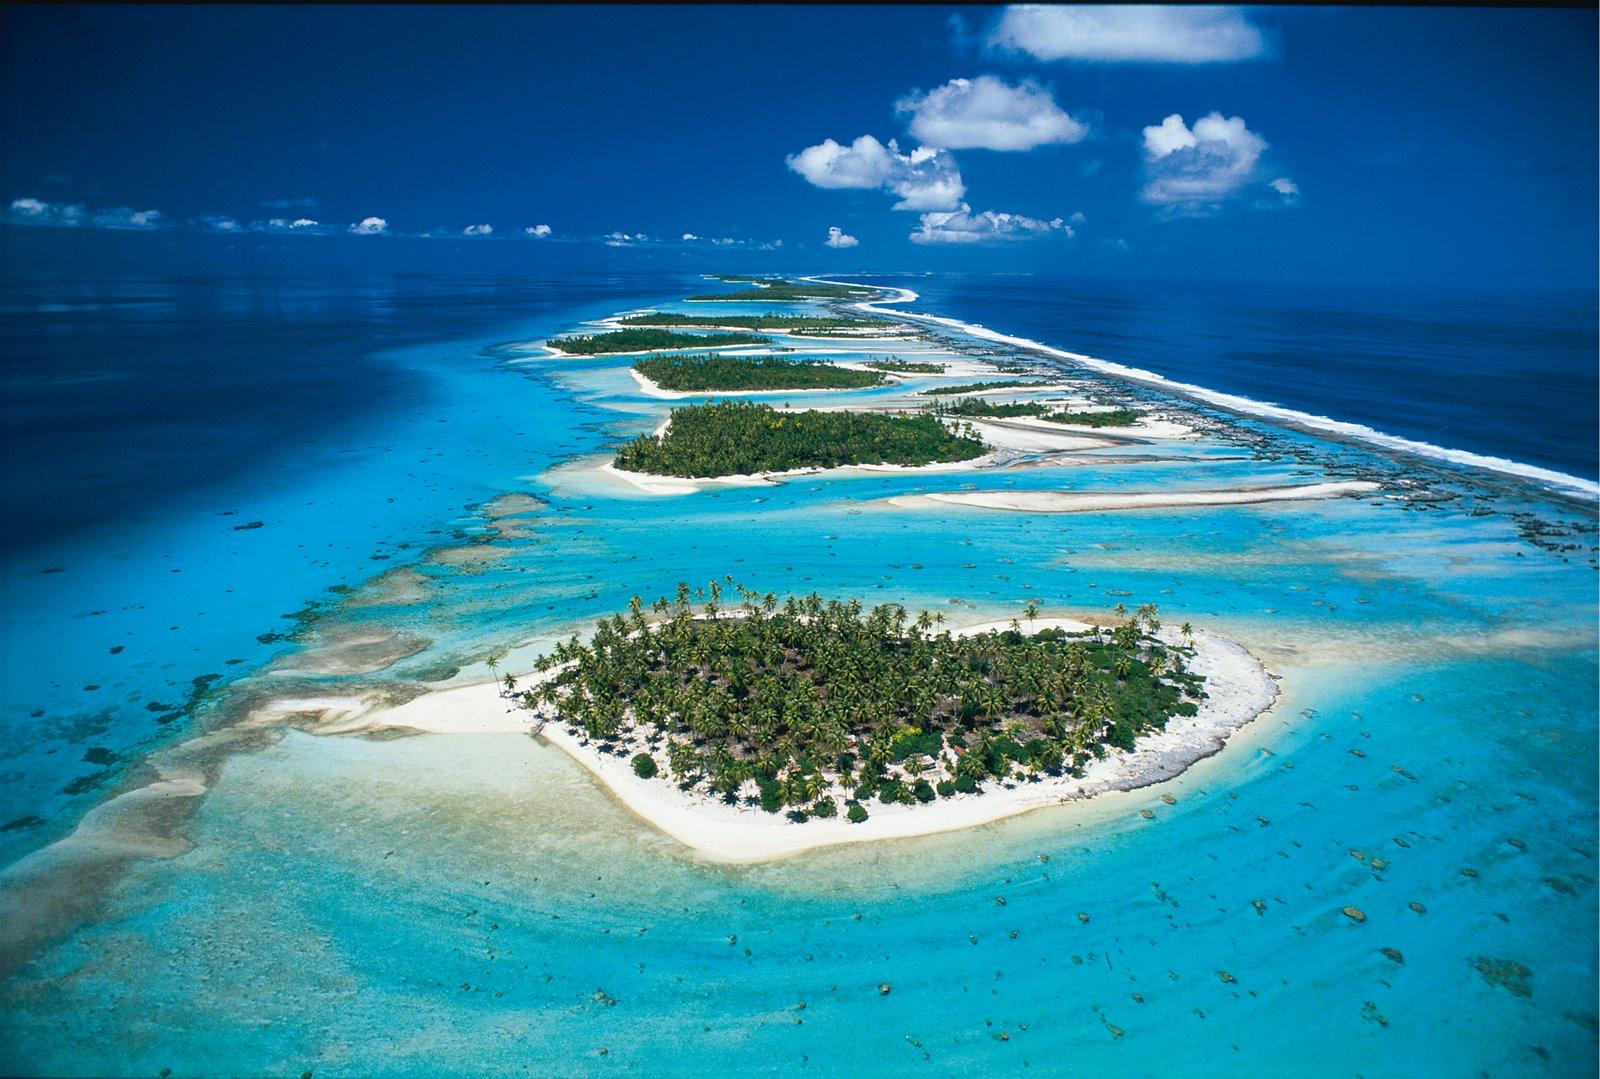 De Tuamotu eilanden